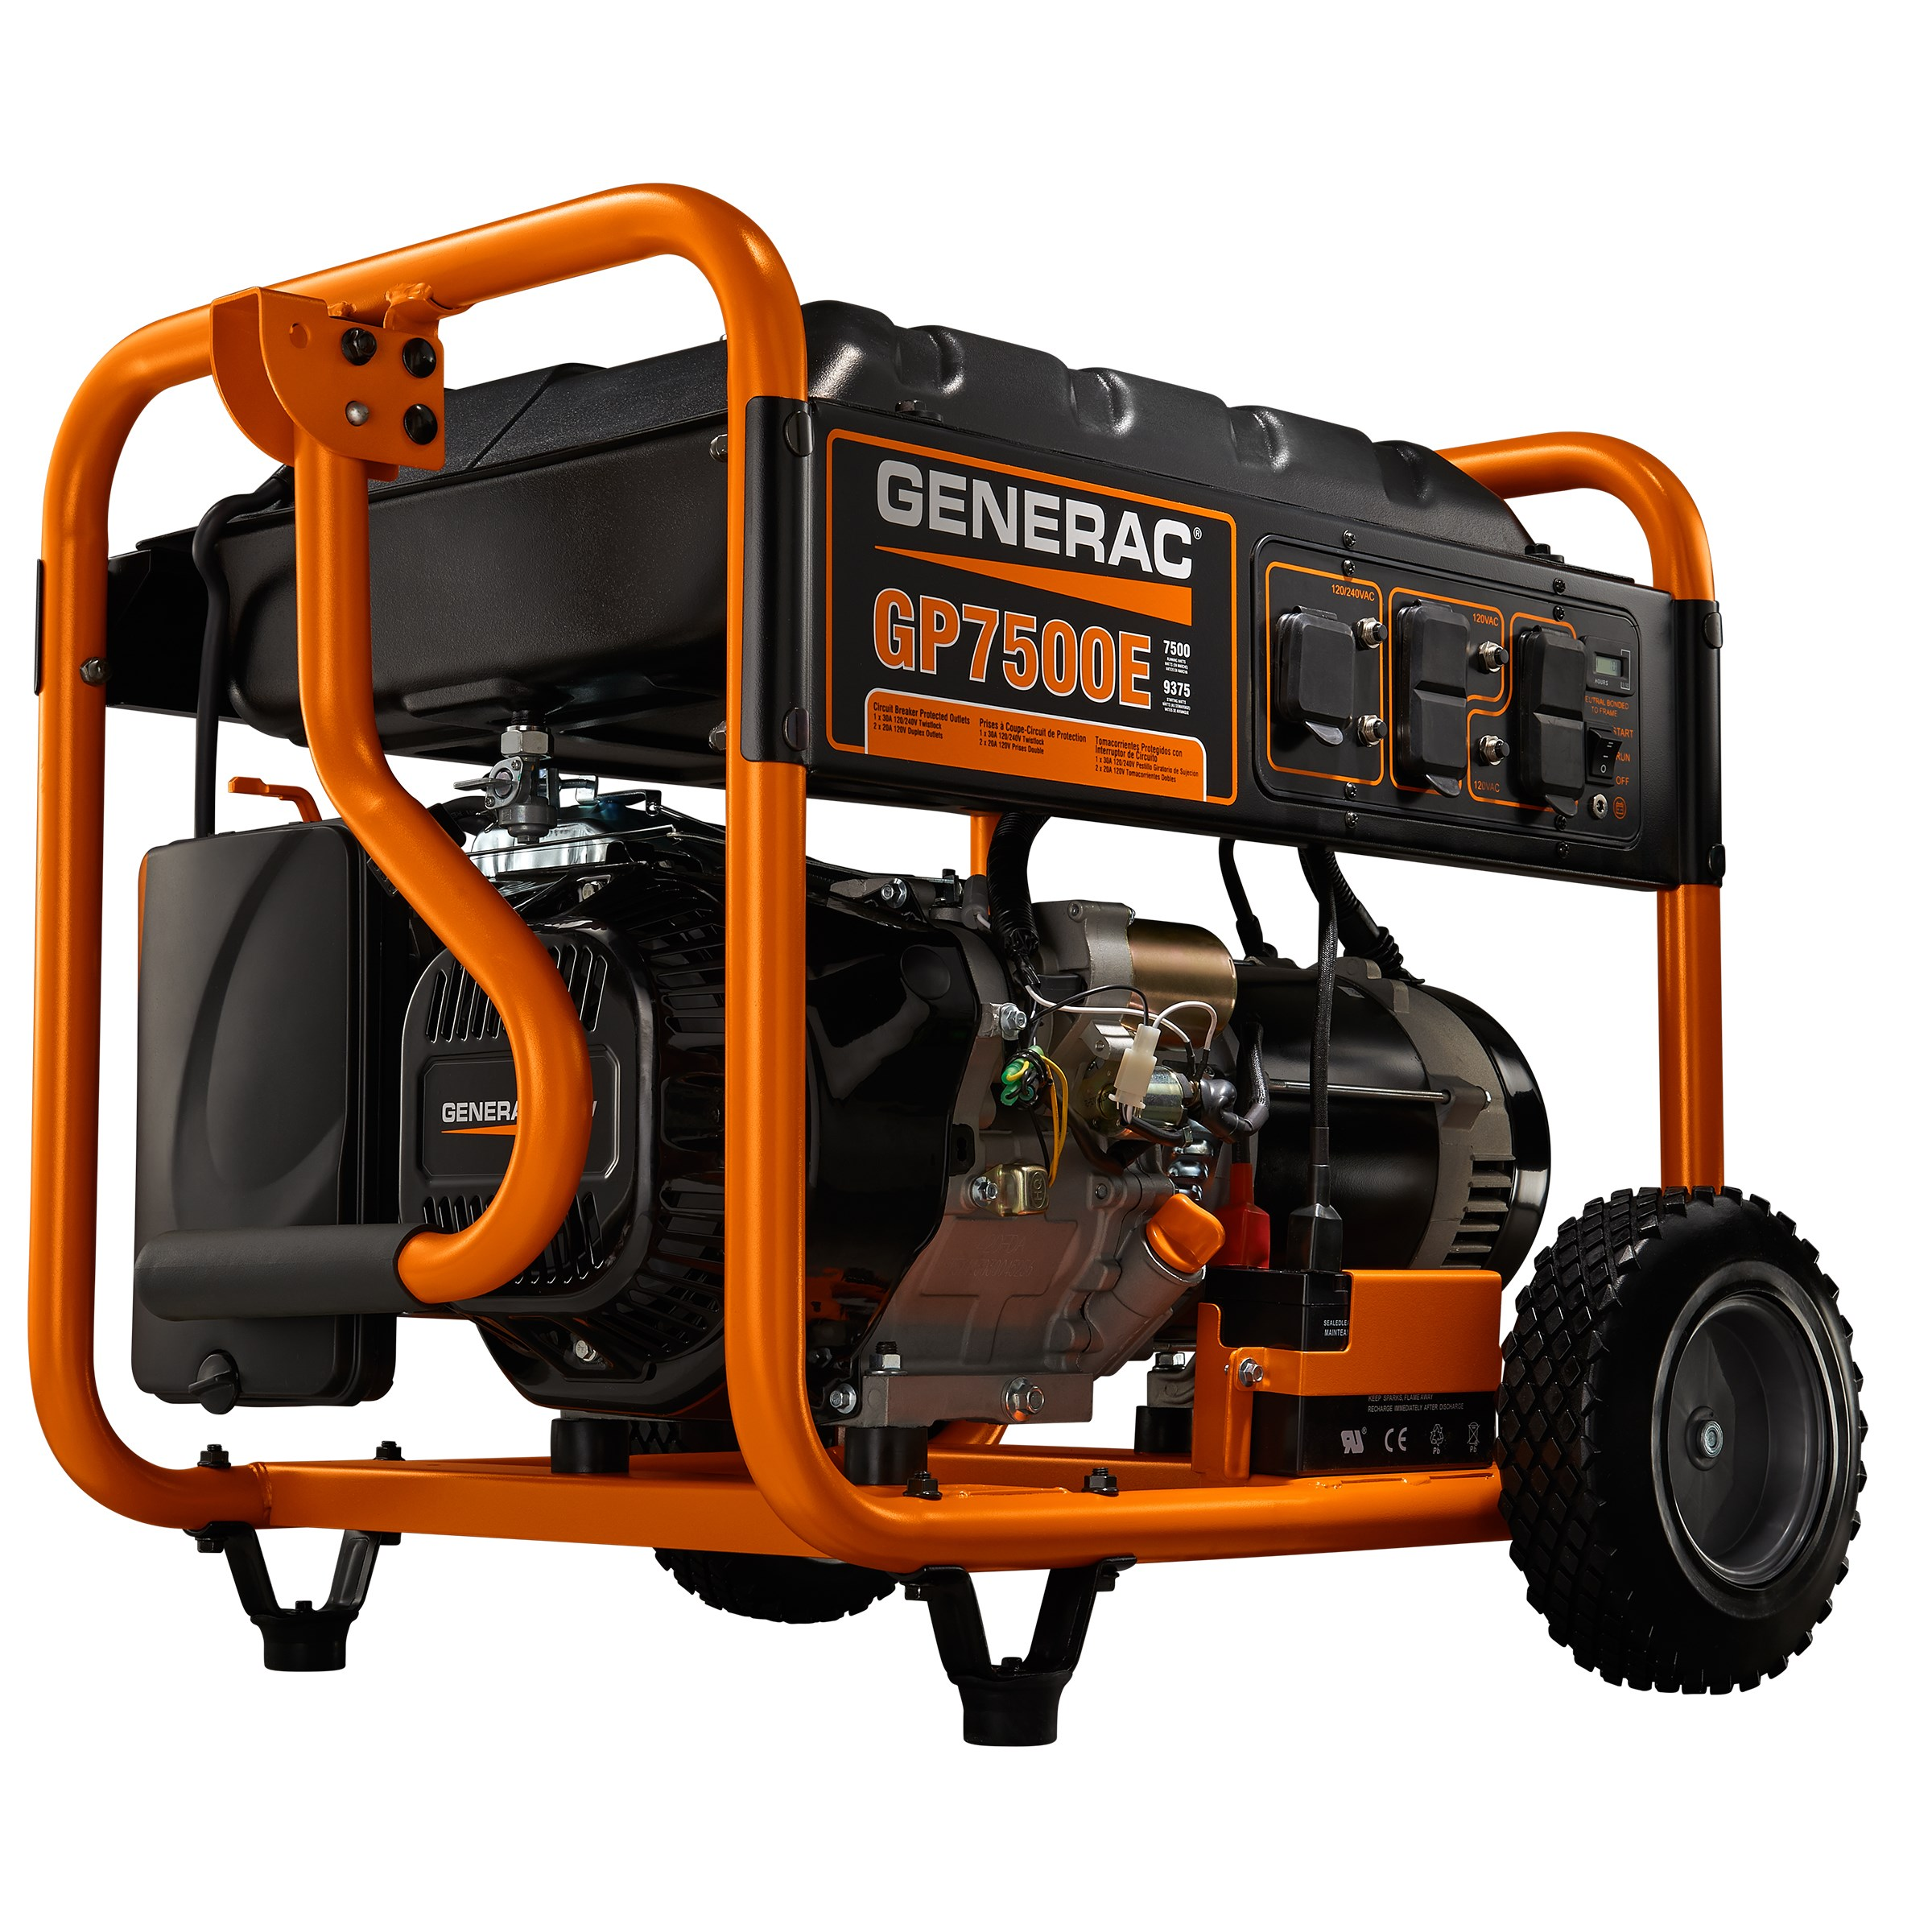 Manual Backup Power Generac Generator Backup Power Solutions, Elora, Ontario